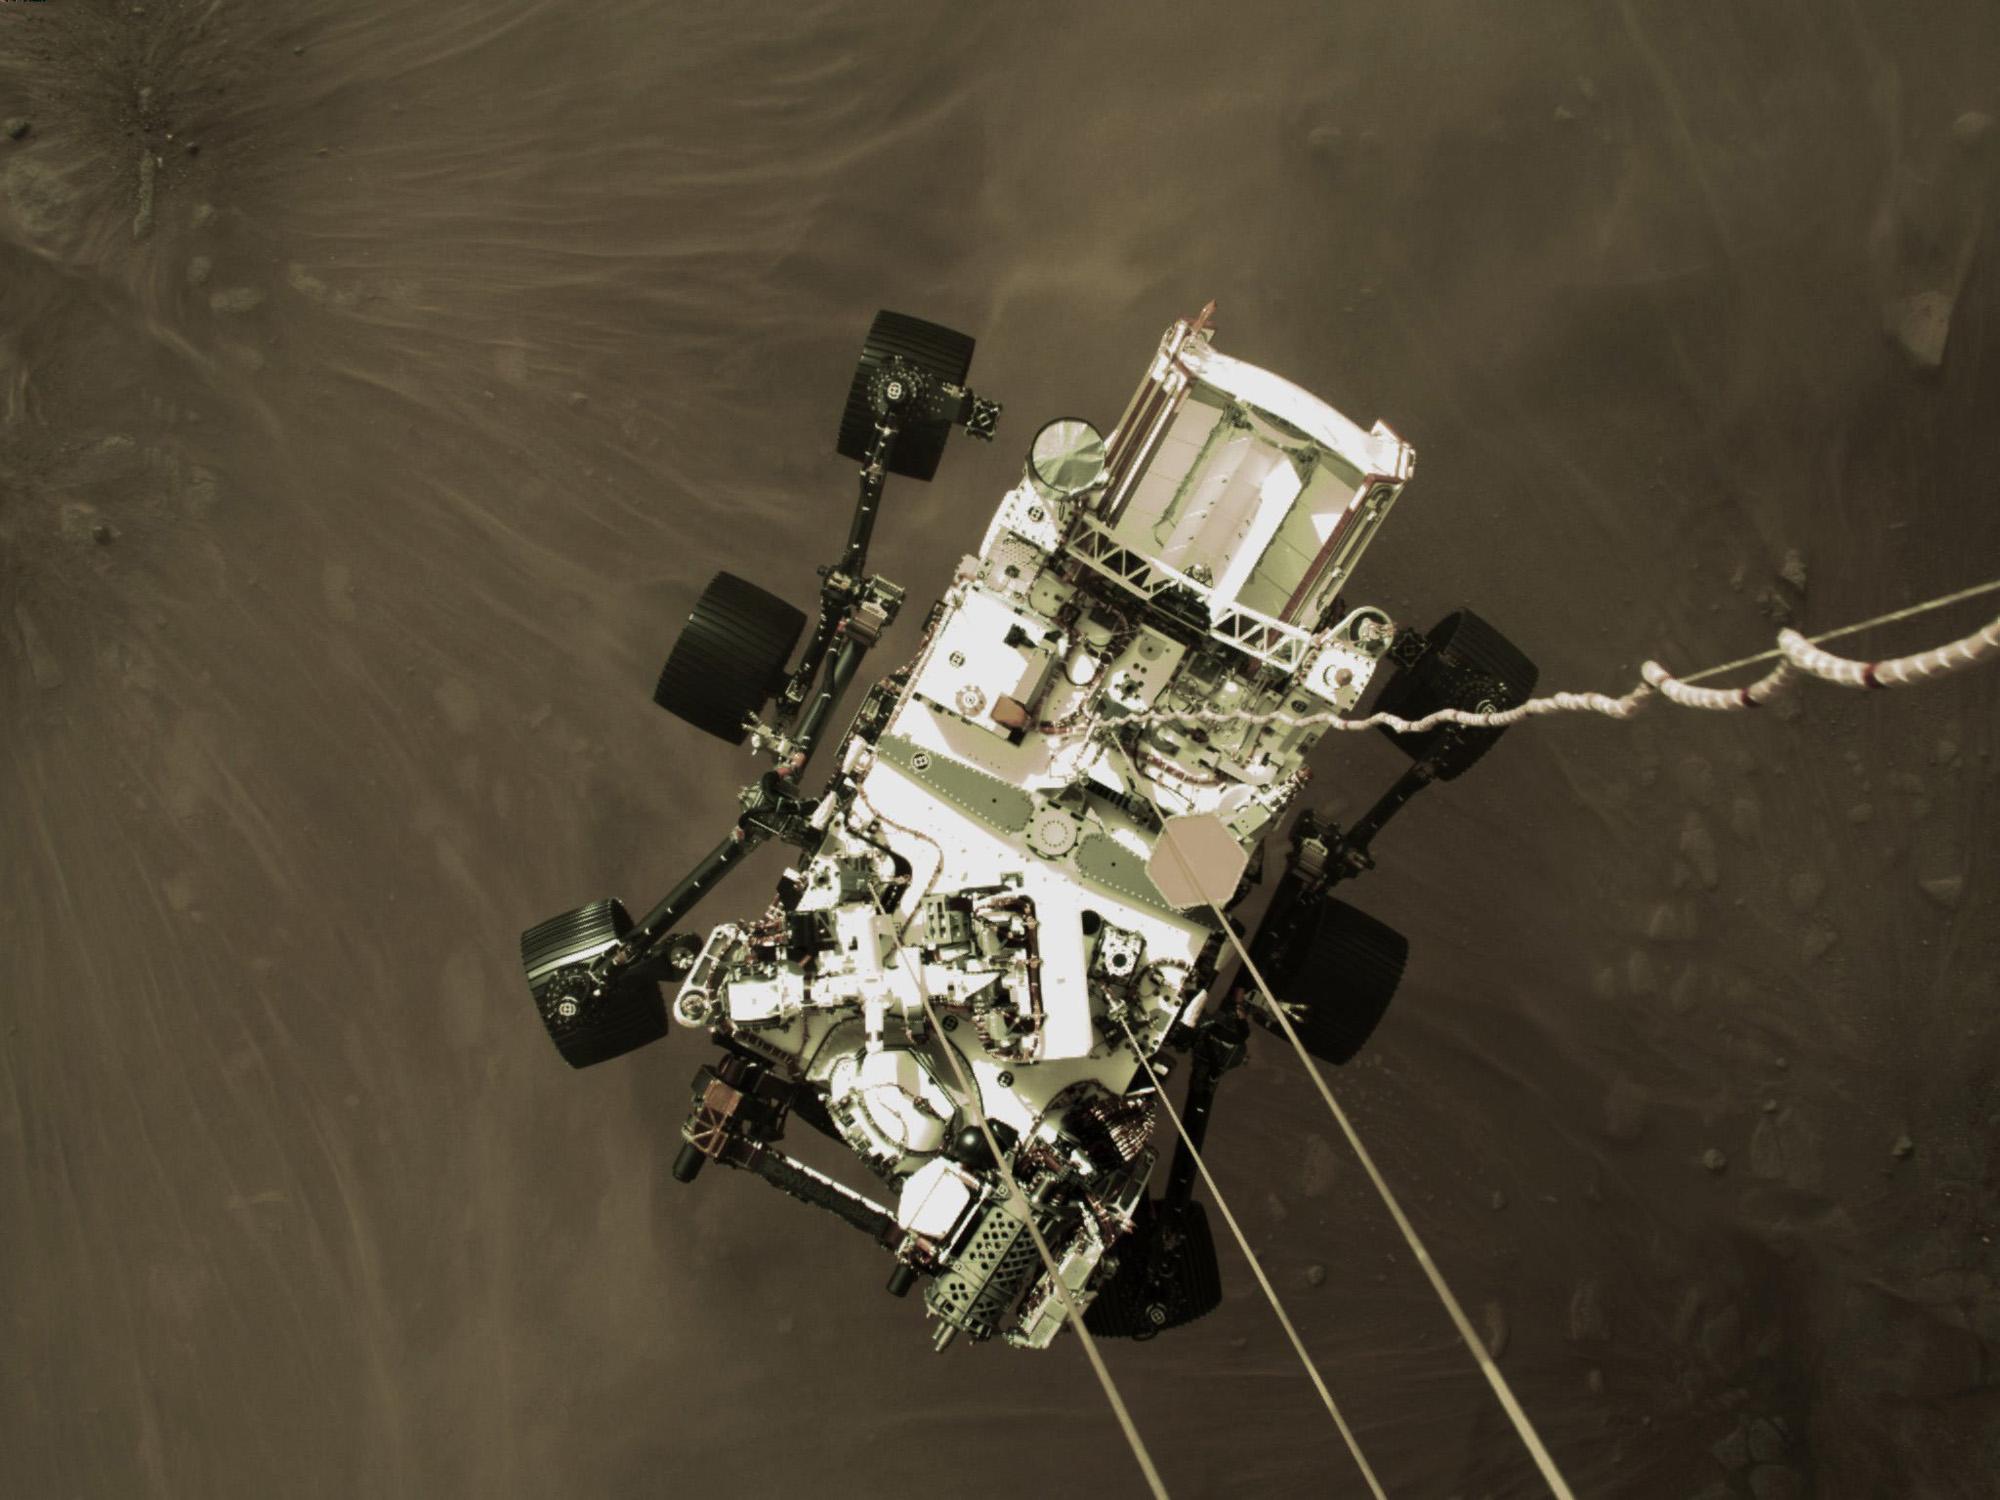 Cette image fixe haute résolution fait partie d'une vidéo prise par plusieurs caméras alors que le rover Perseverance de la NASA a atterri sur Mars le 18 février 2021. Une caméra à bord de la scène de descente a capturé cette photo.